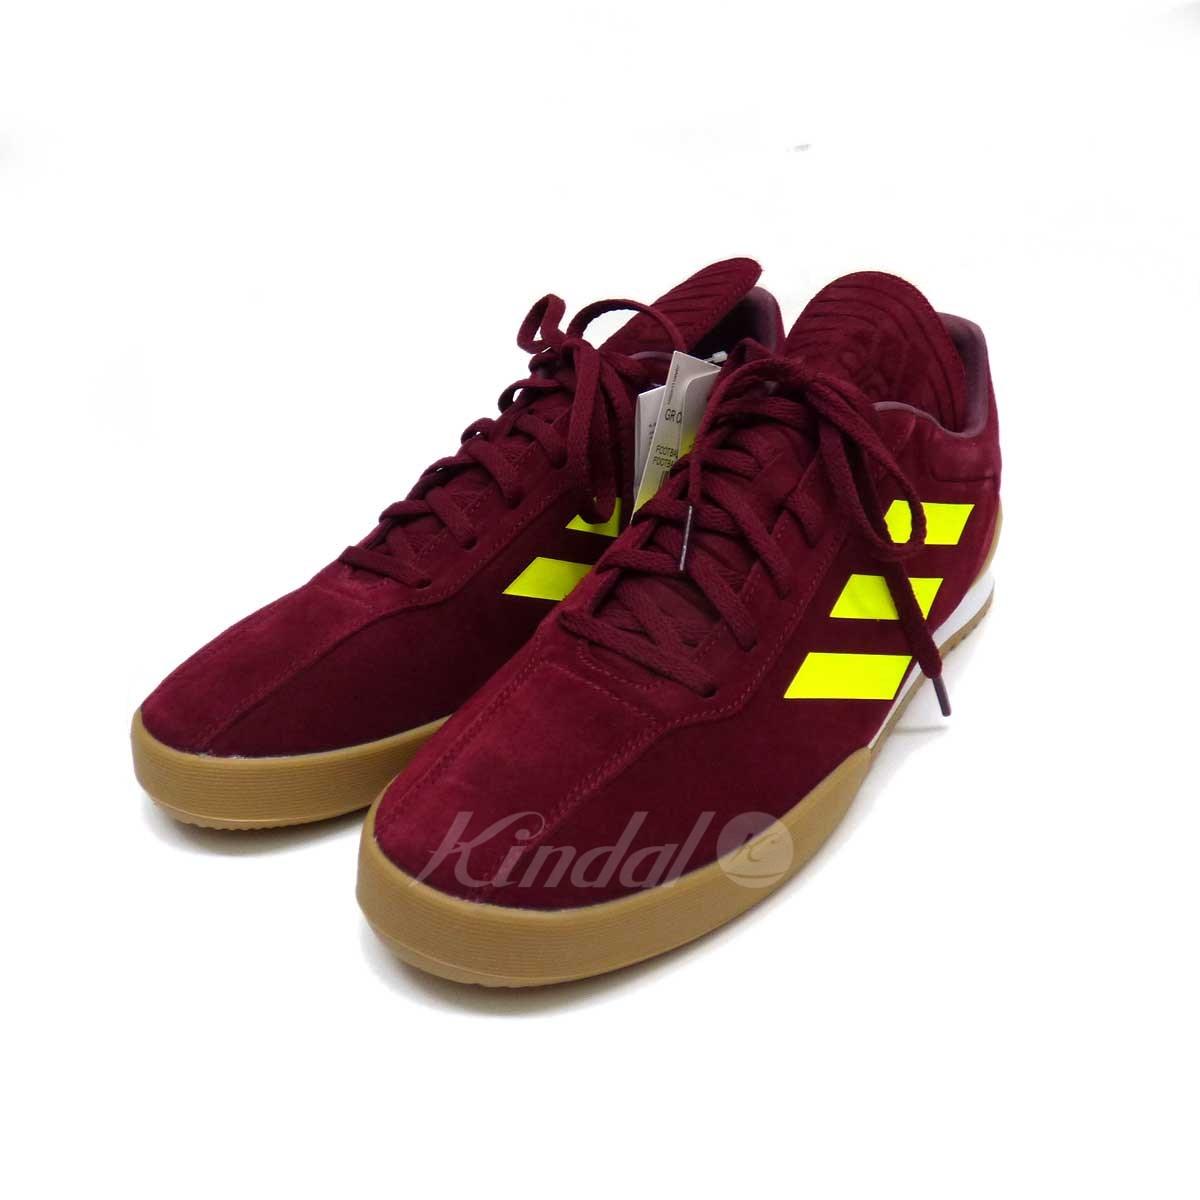 【中古】Gosha Rubchinskiy×adidas CopaSuperSneaker スニーカー ボルドー サイズ:29 【送料無料】 【300718】(ゴーシャラブチンスキー アディダス)